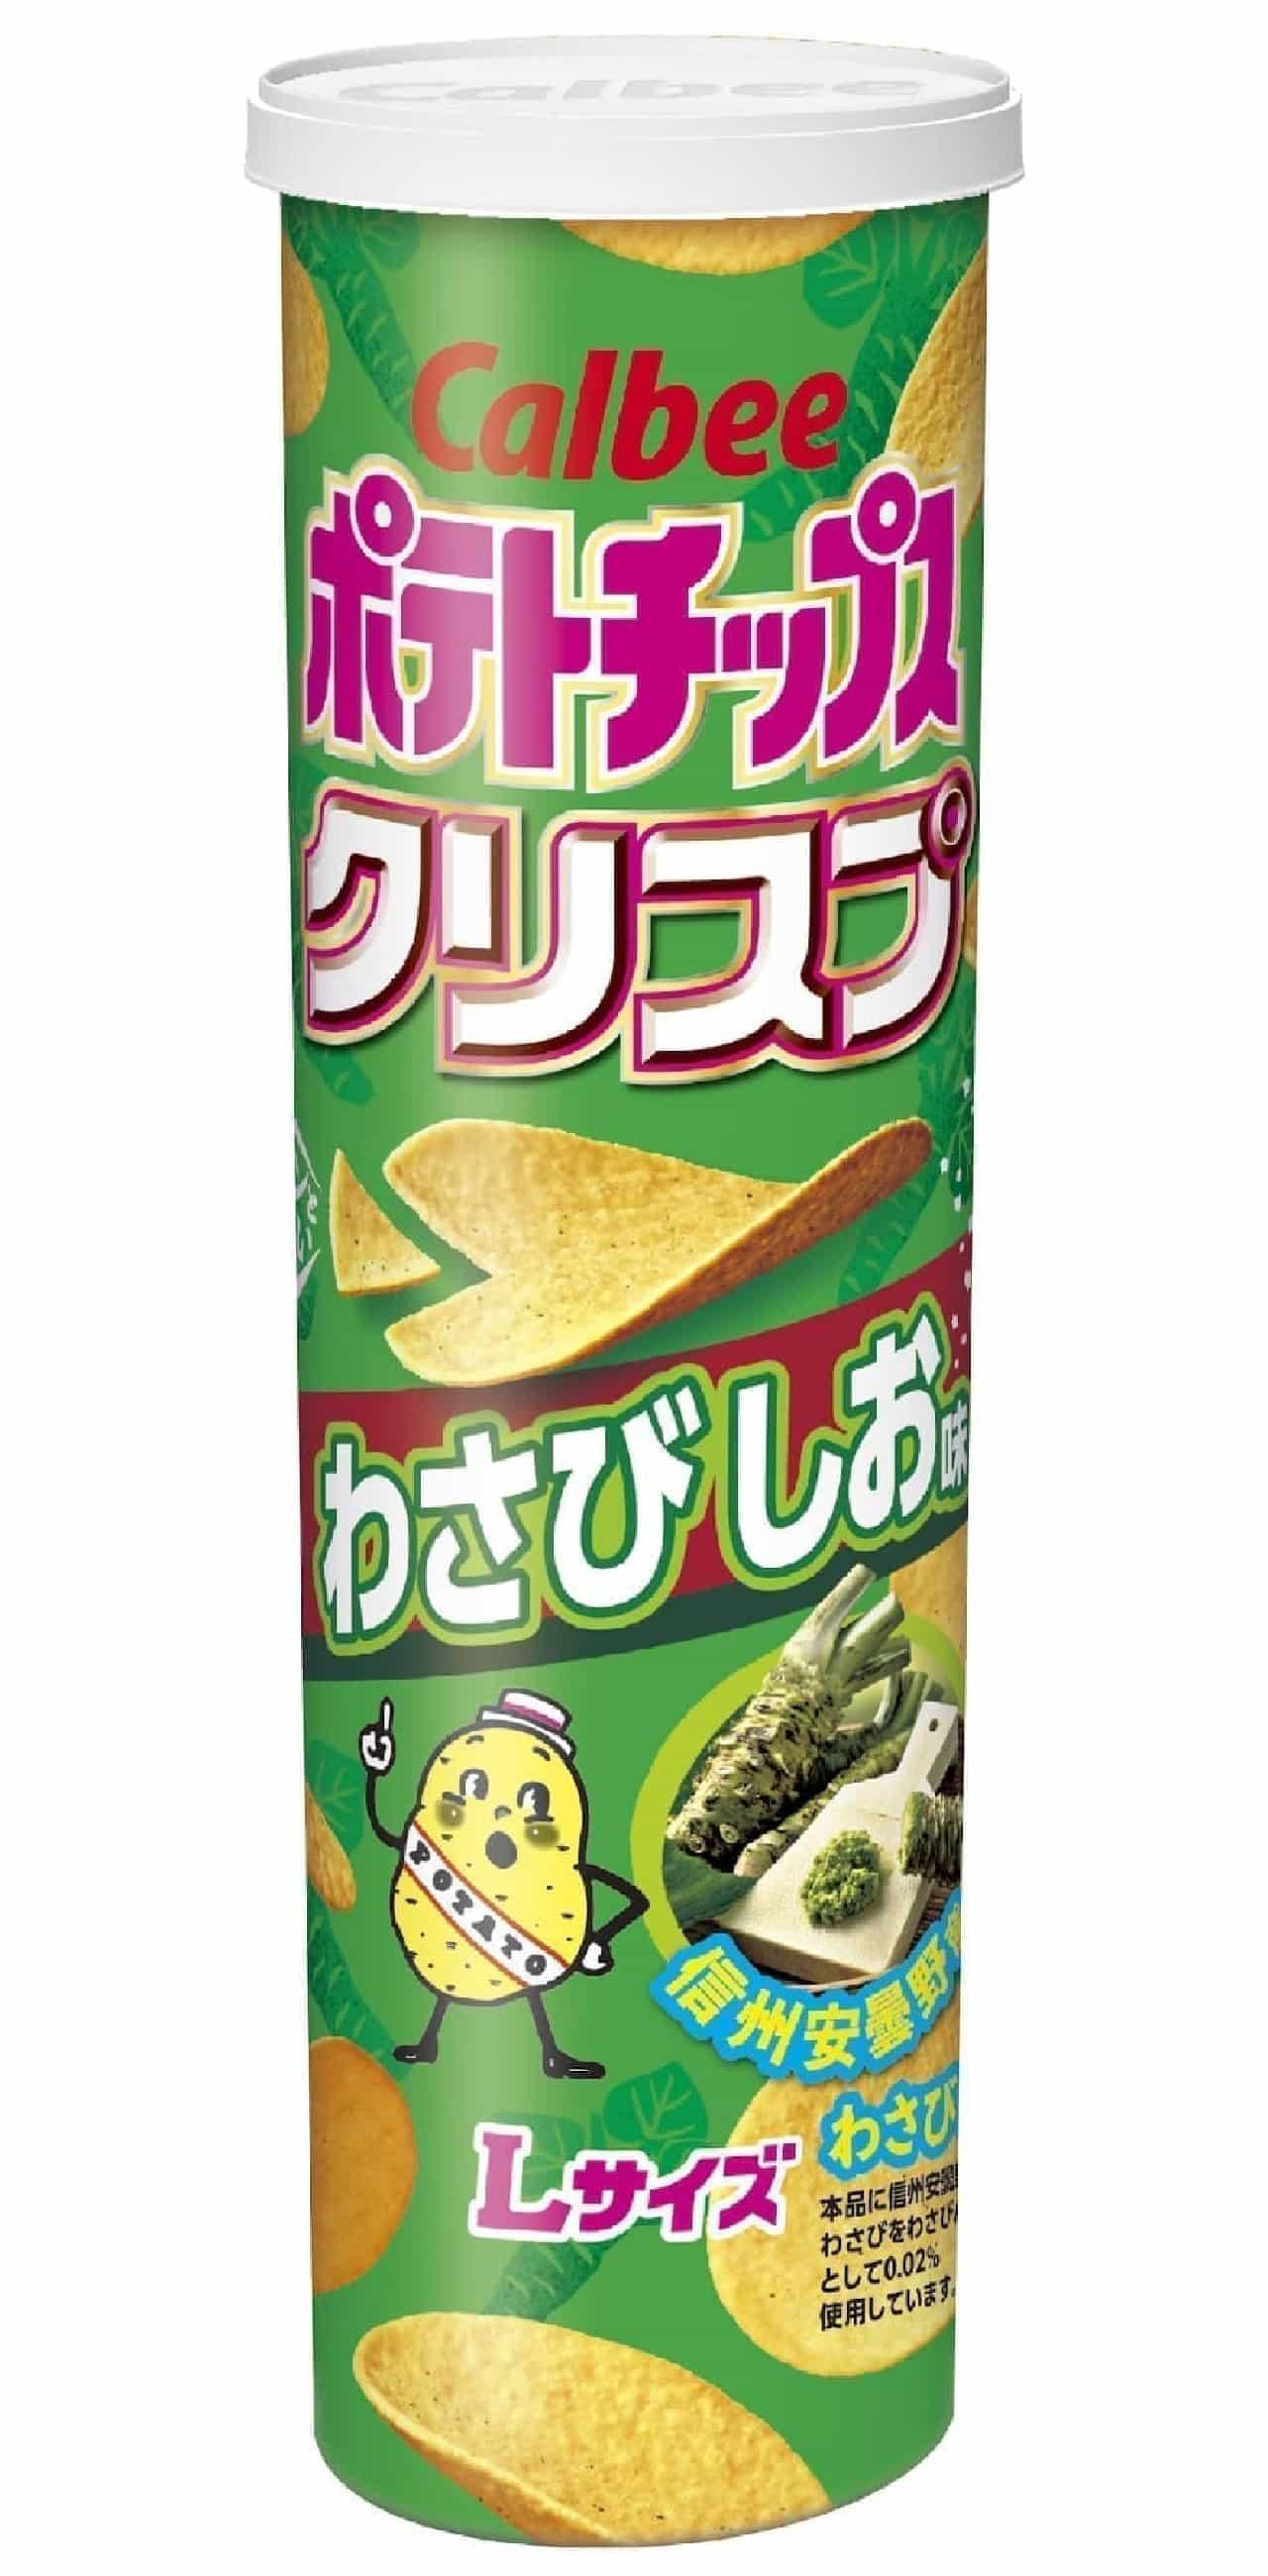 信州安曇野産ワサビ使用「ポテトチップスクリスプ わさびしお味」